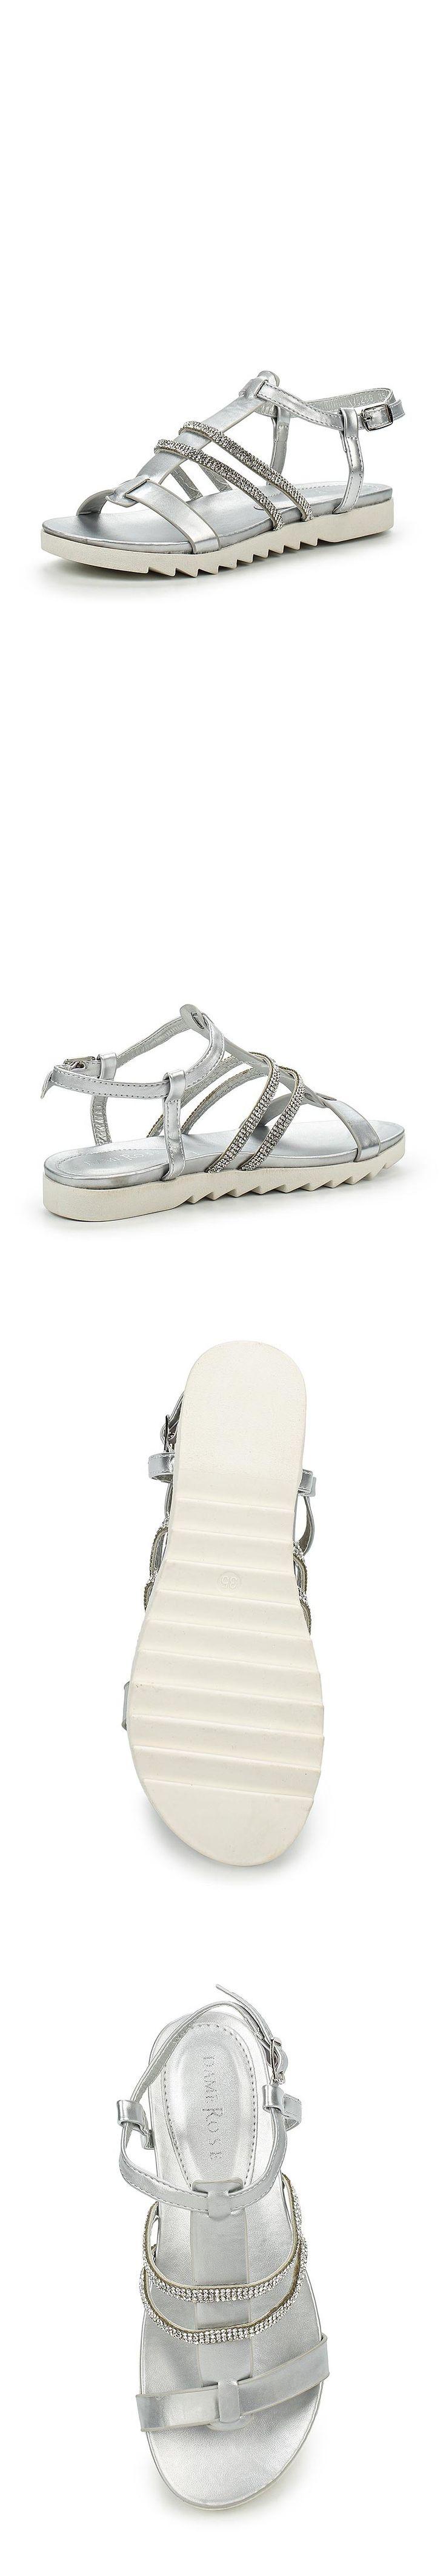 Женская обувь сандалии Damerose за 1750.00 руб.